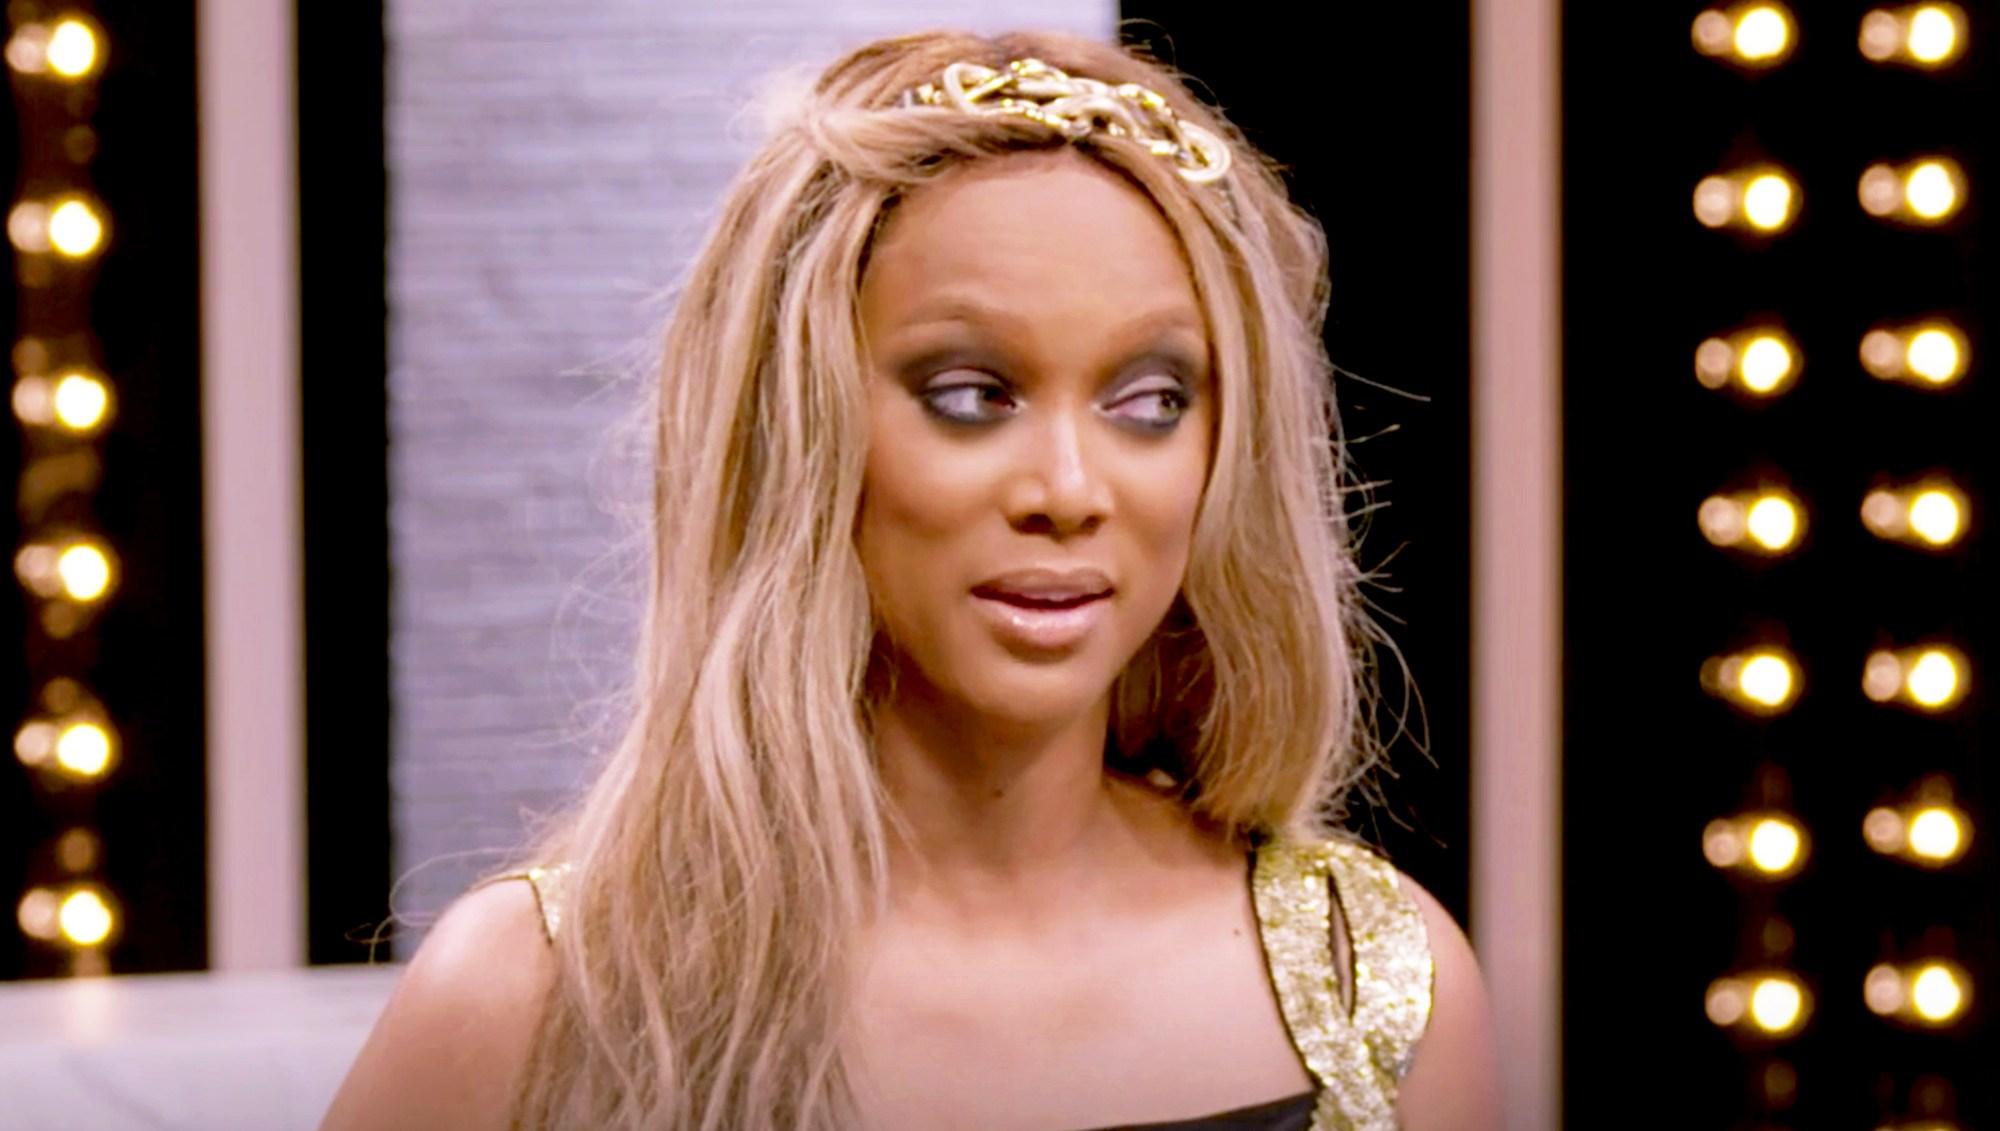 Tyra Banks on 'America's Next Top Model'